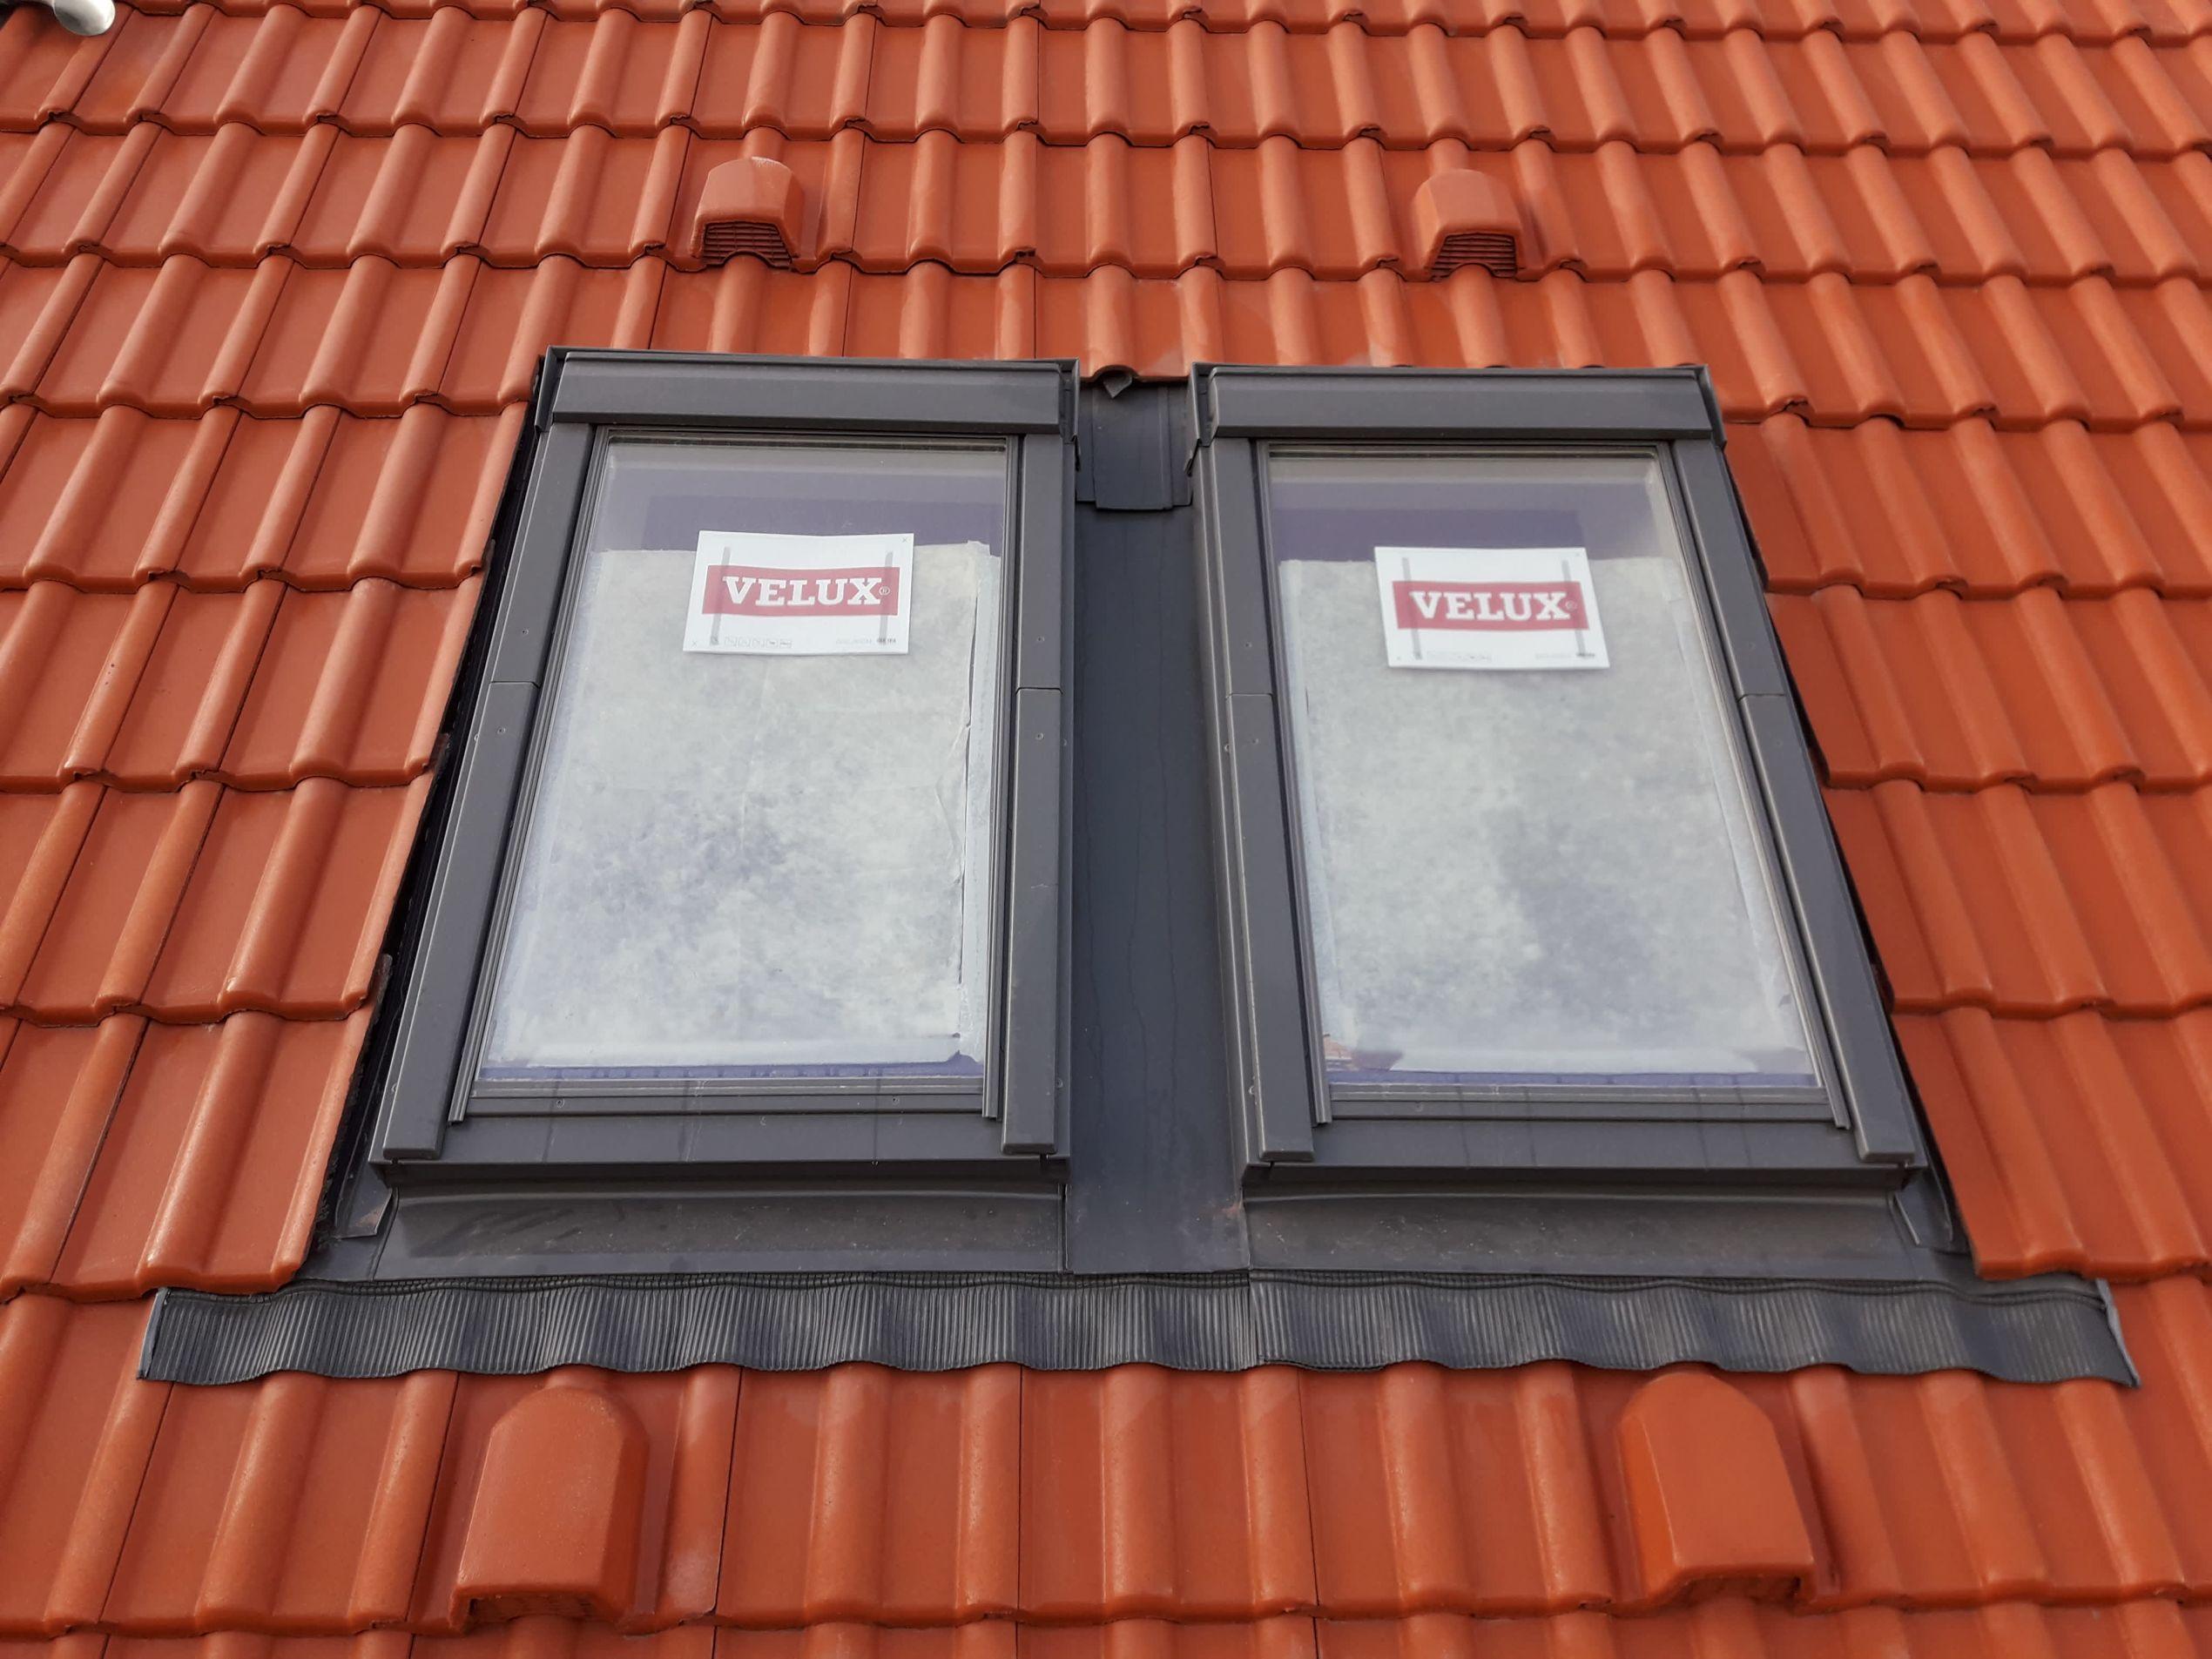 Dachfenster & Lichtkuppeln